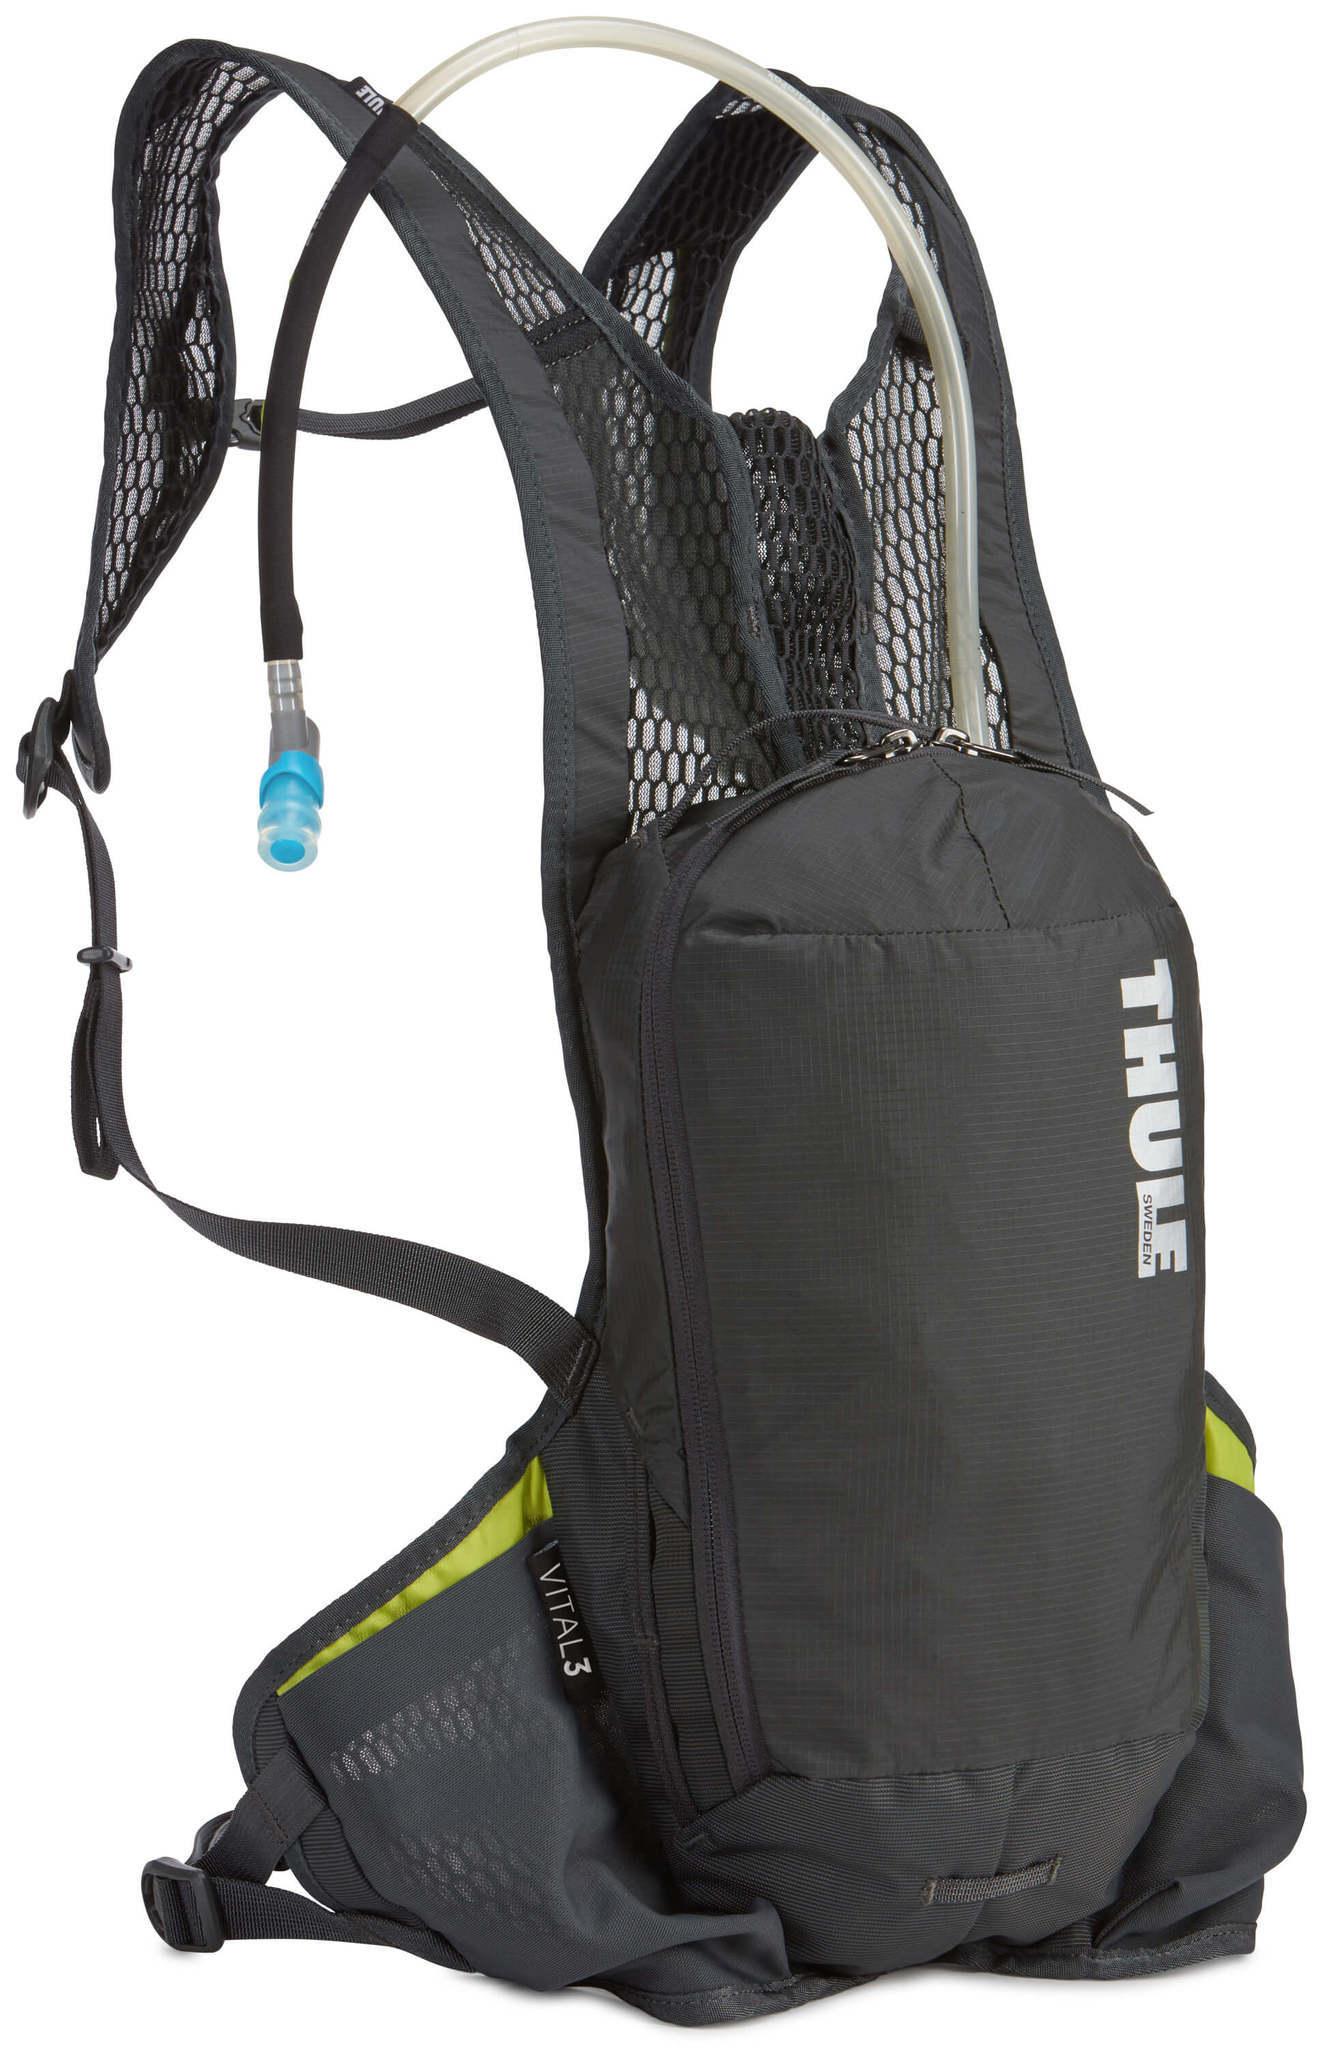 Спортивные рюкзаки Thule Рюкзак с гидратором Thule Vital 3L DH Hydration Backpack 3203637.jpeg